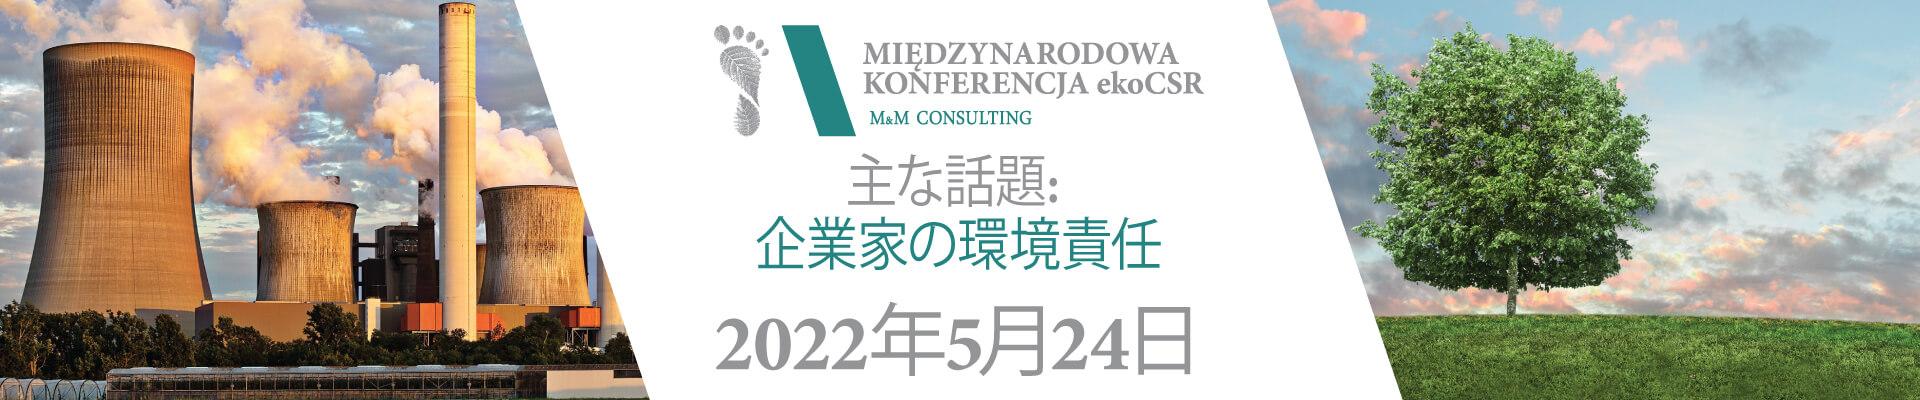 Międzynarodowa Konferencja ekoCSR 2022 - JAP